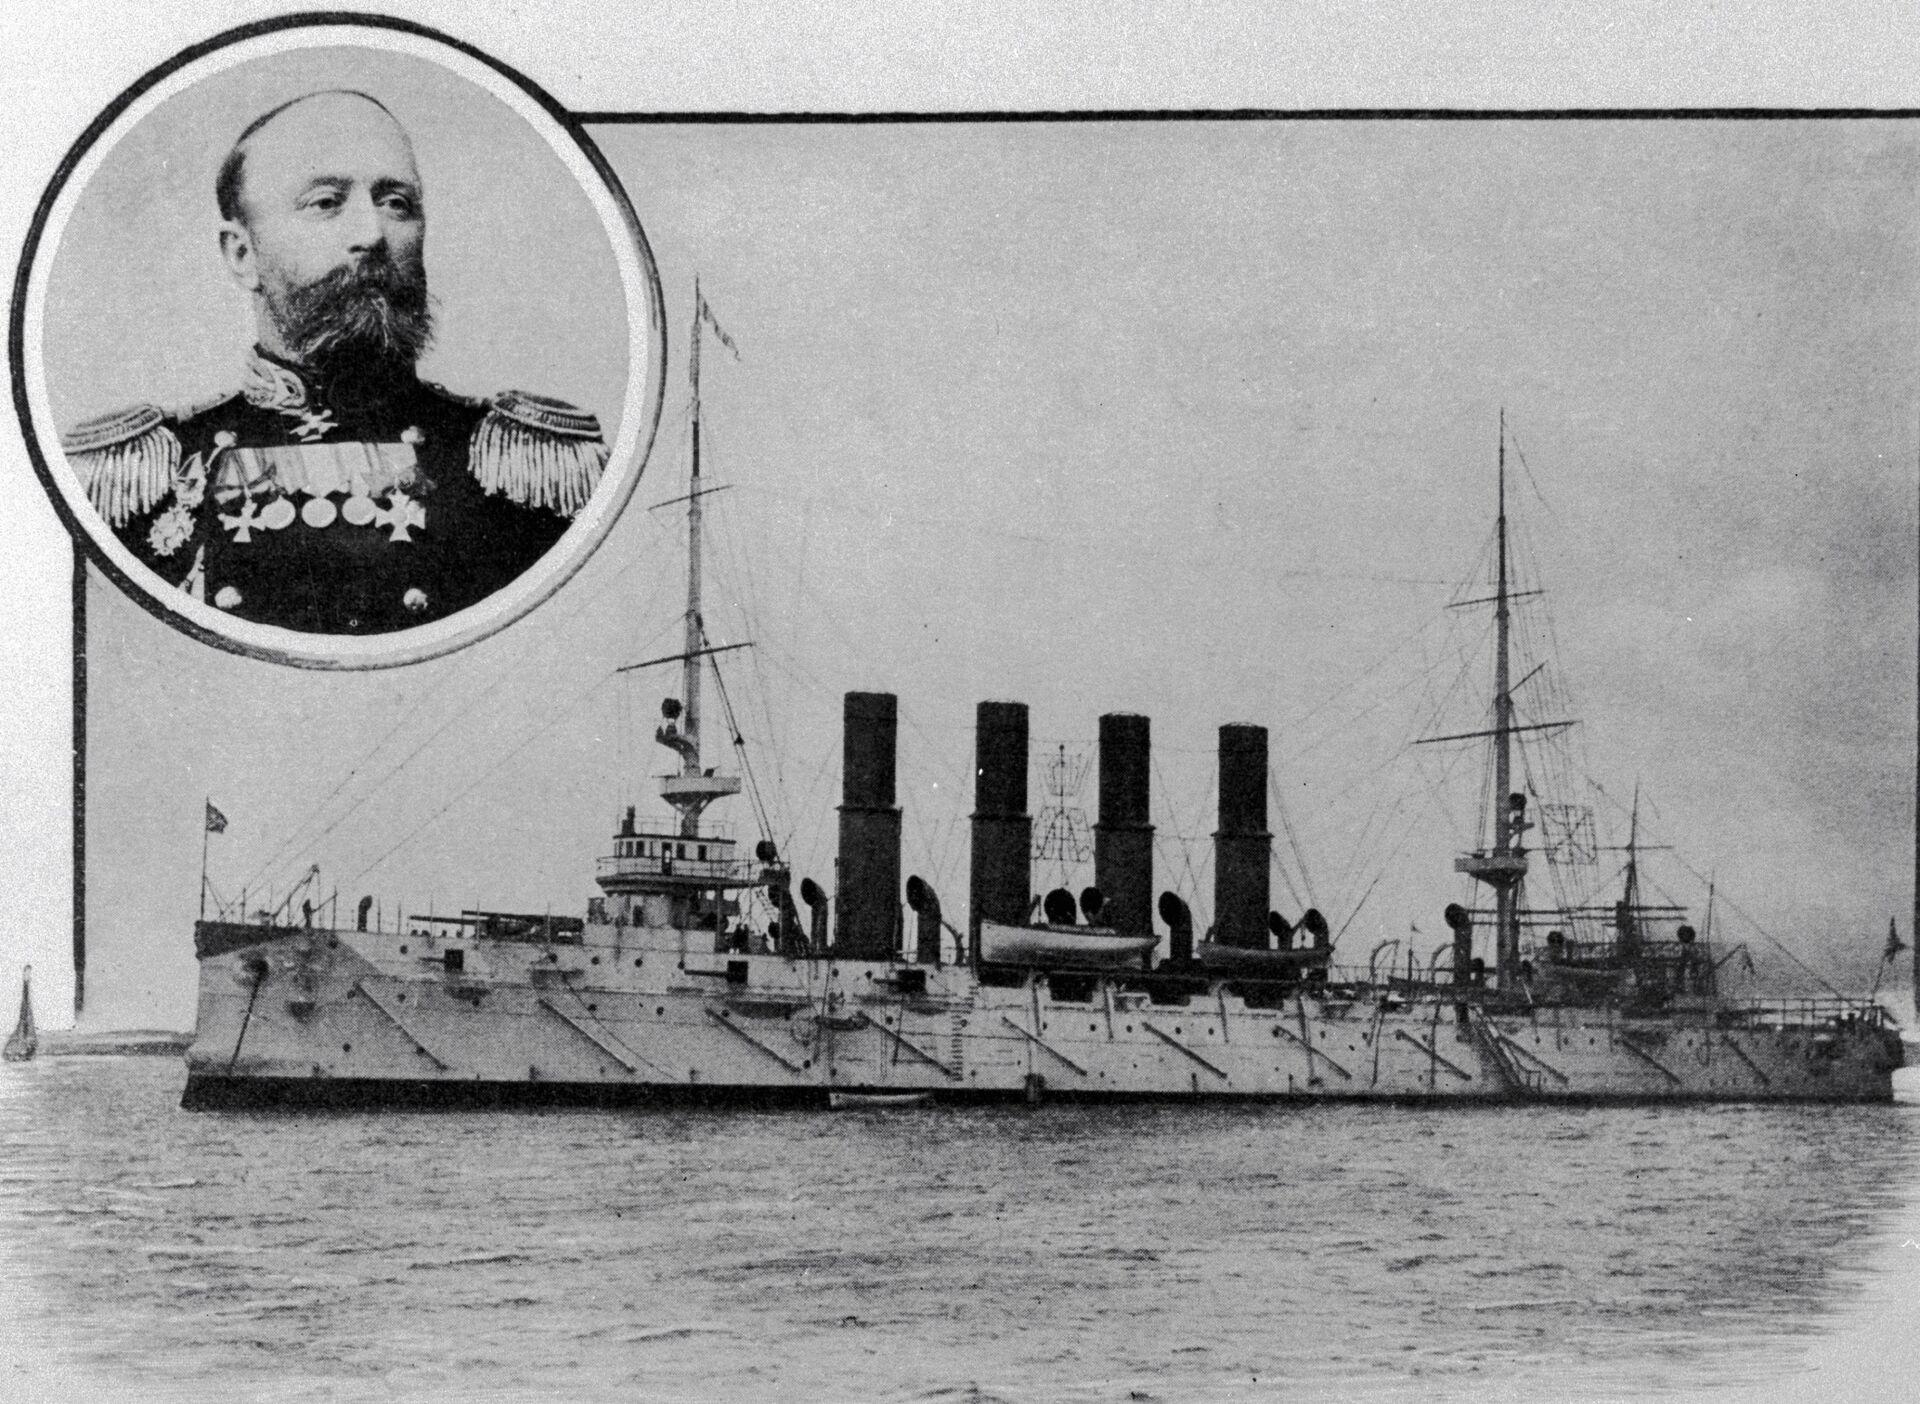 El capitán de Variag, Vsévolod Rúdnev, y su buque - Sputnik Mundo, 1920, 11.02.2021